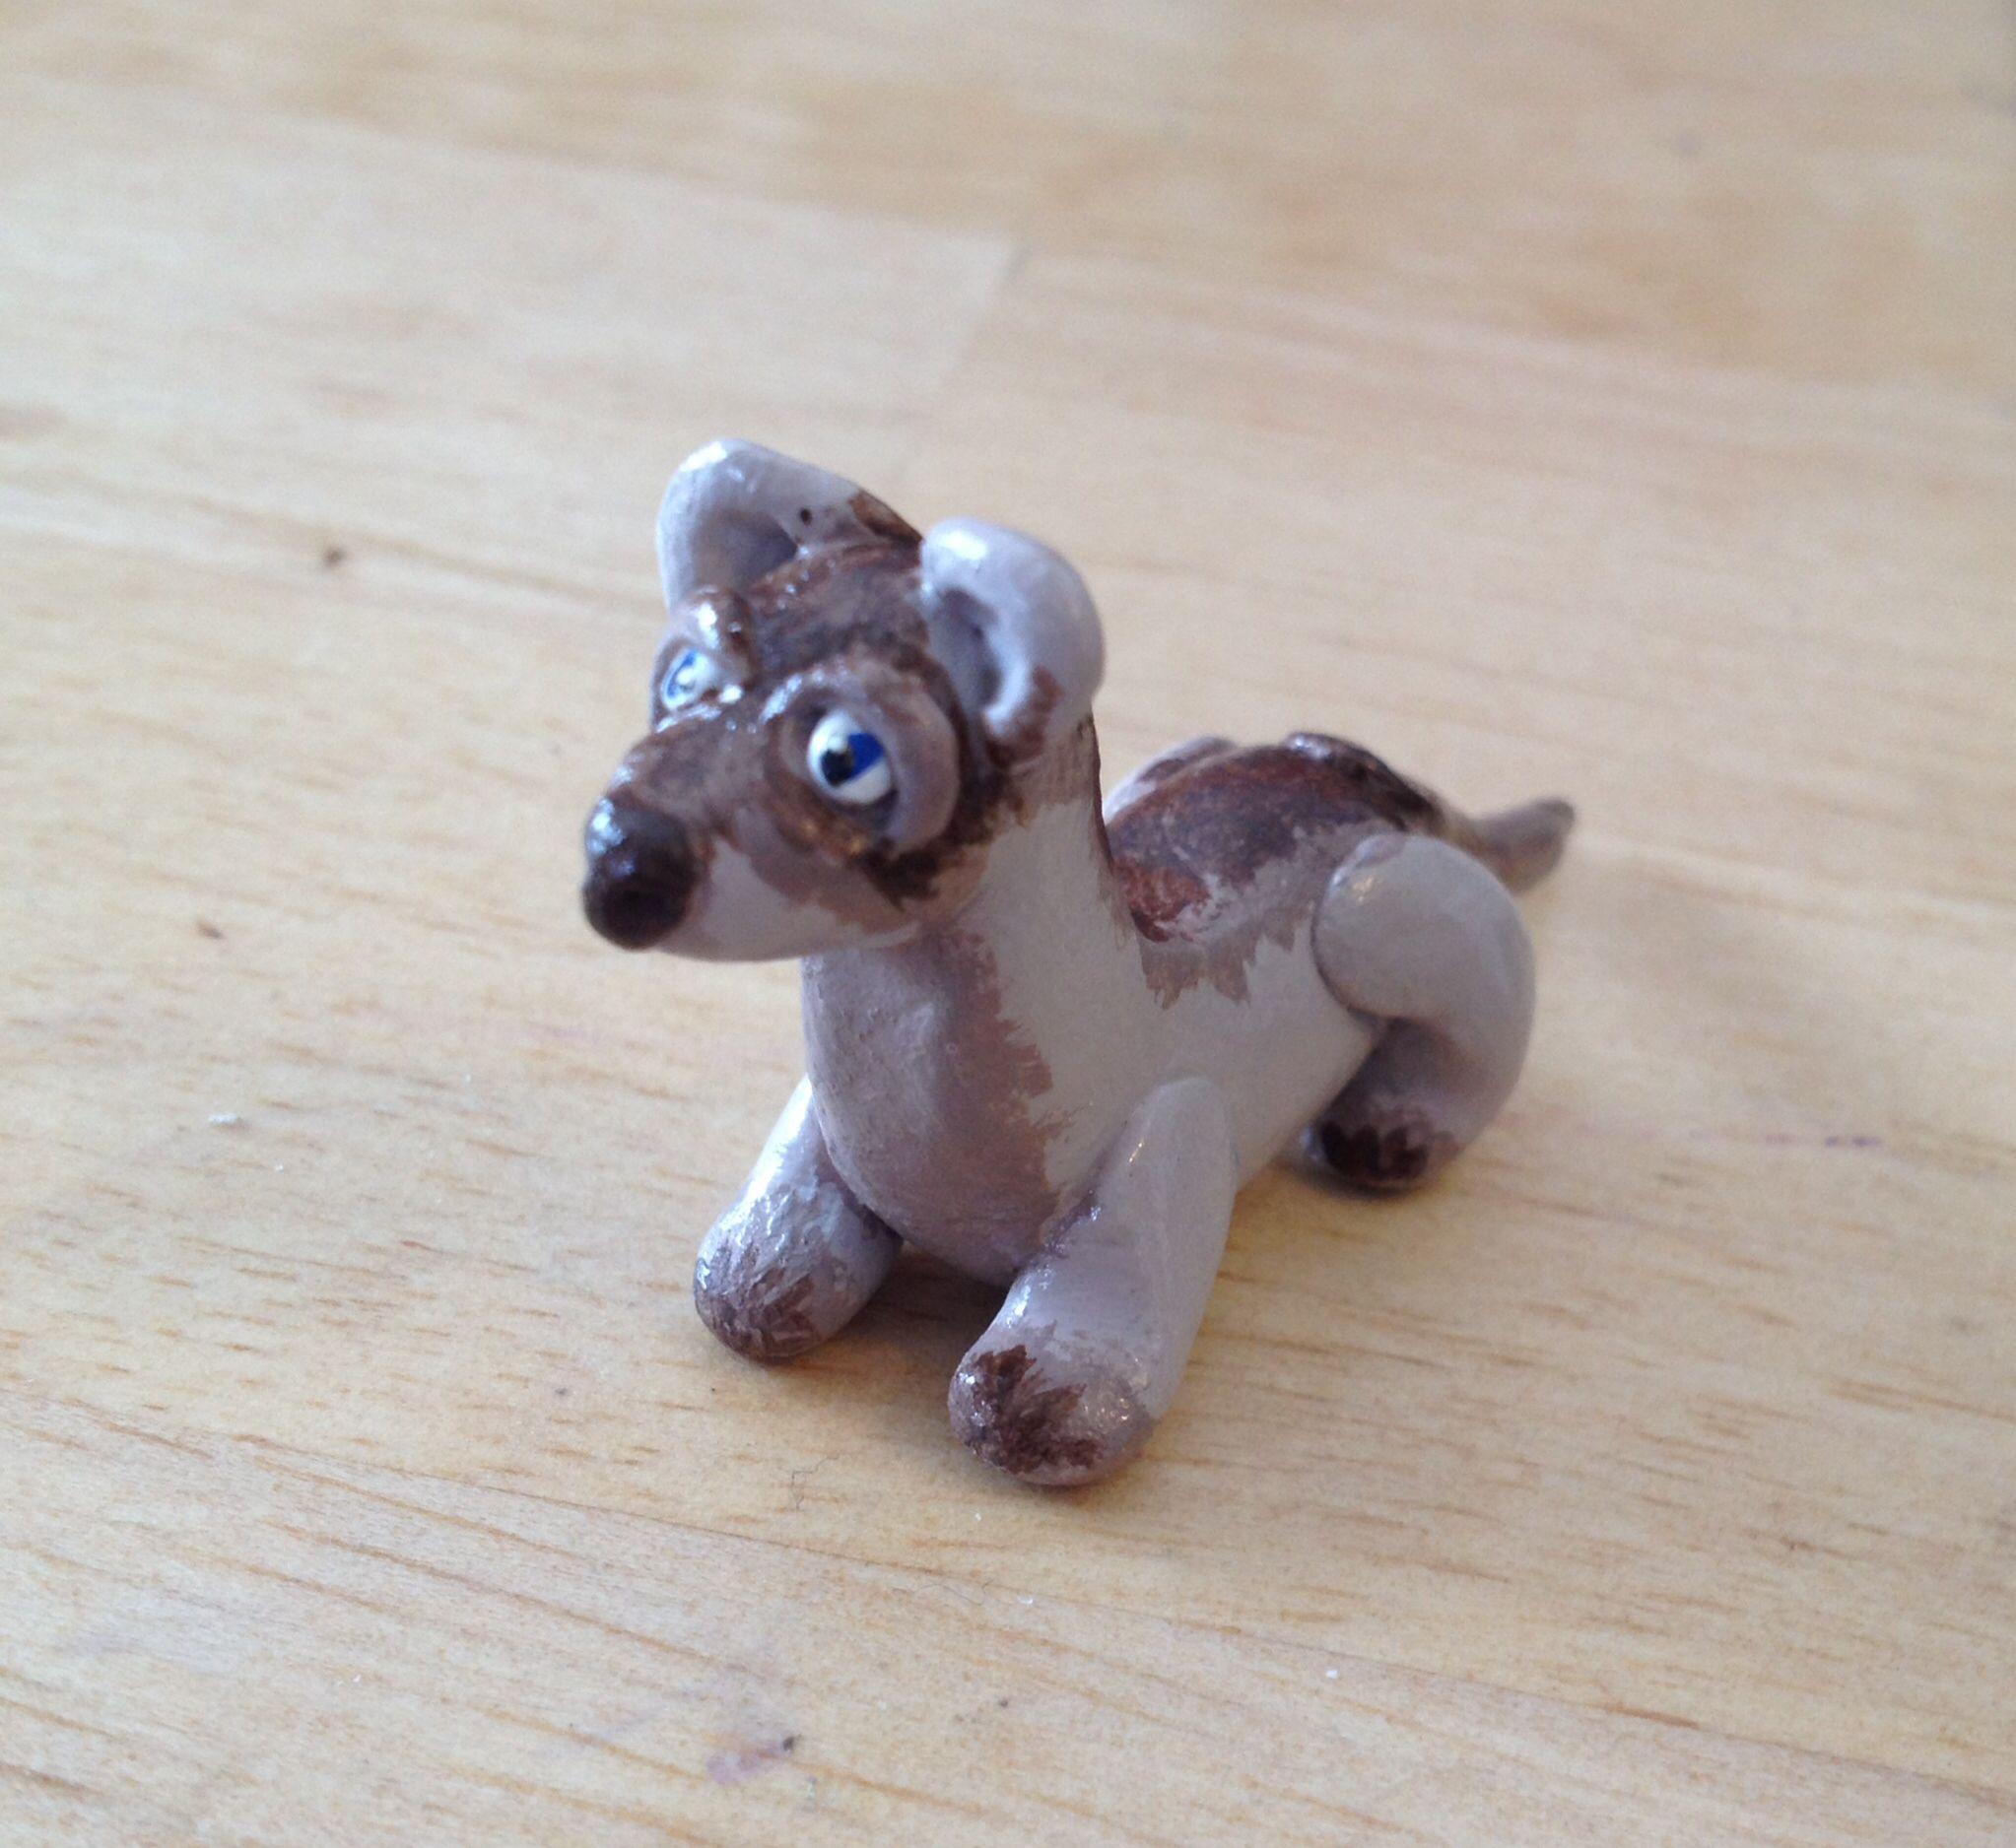 Little brown weasel